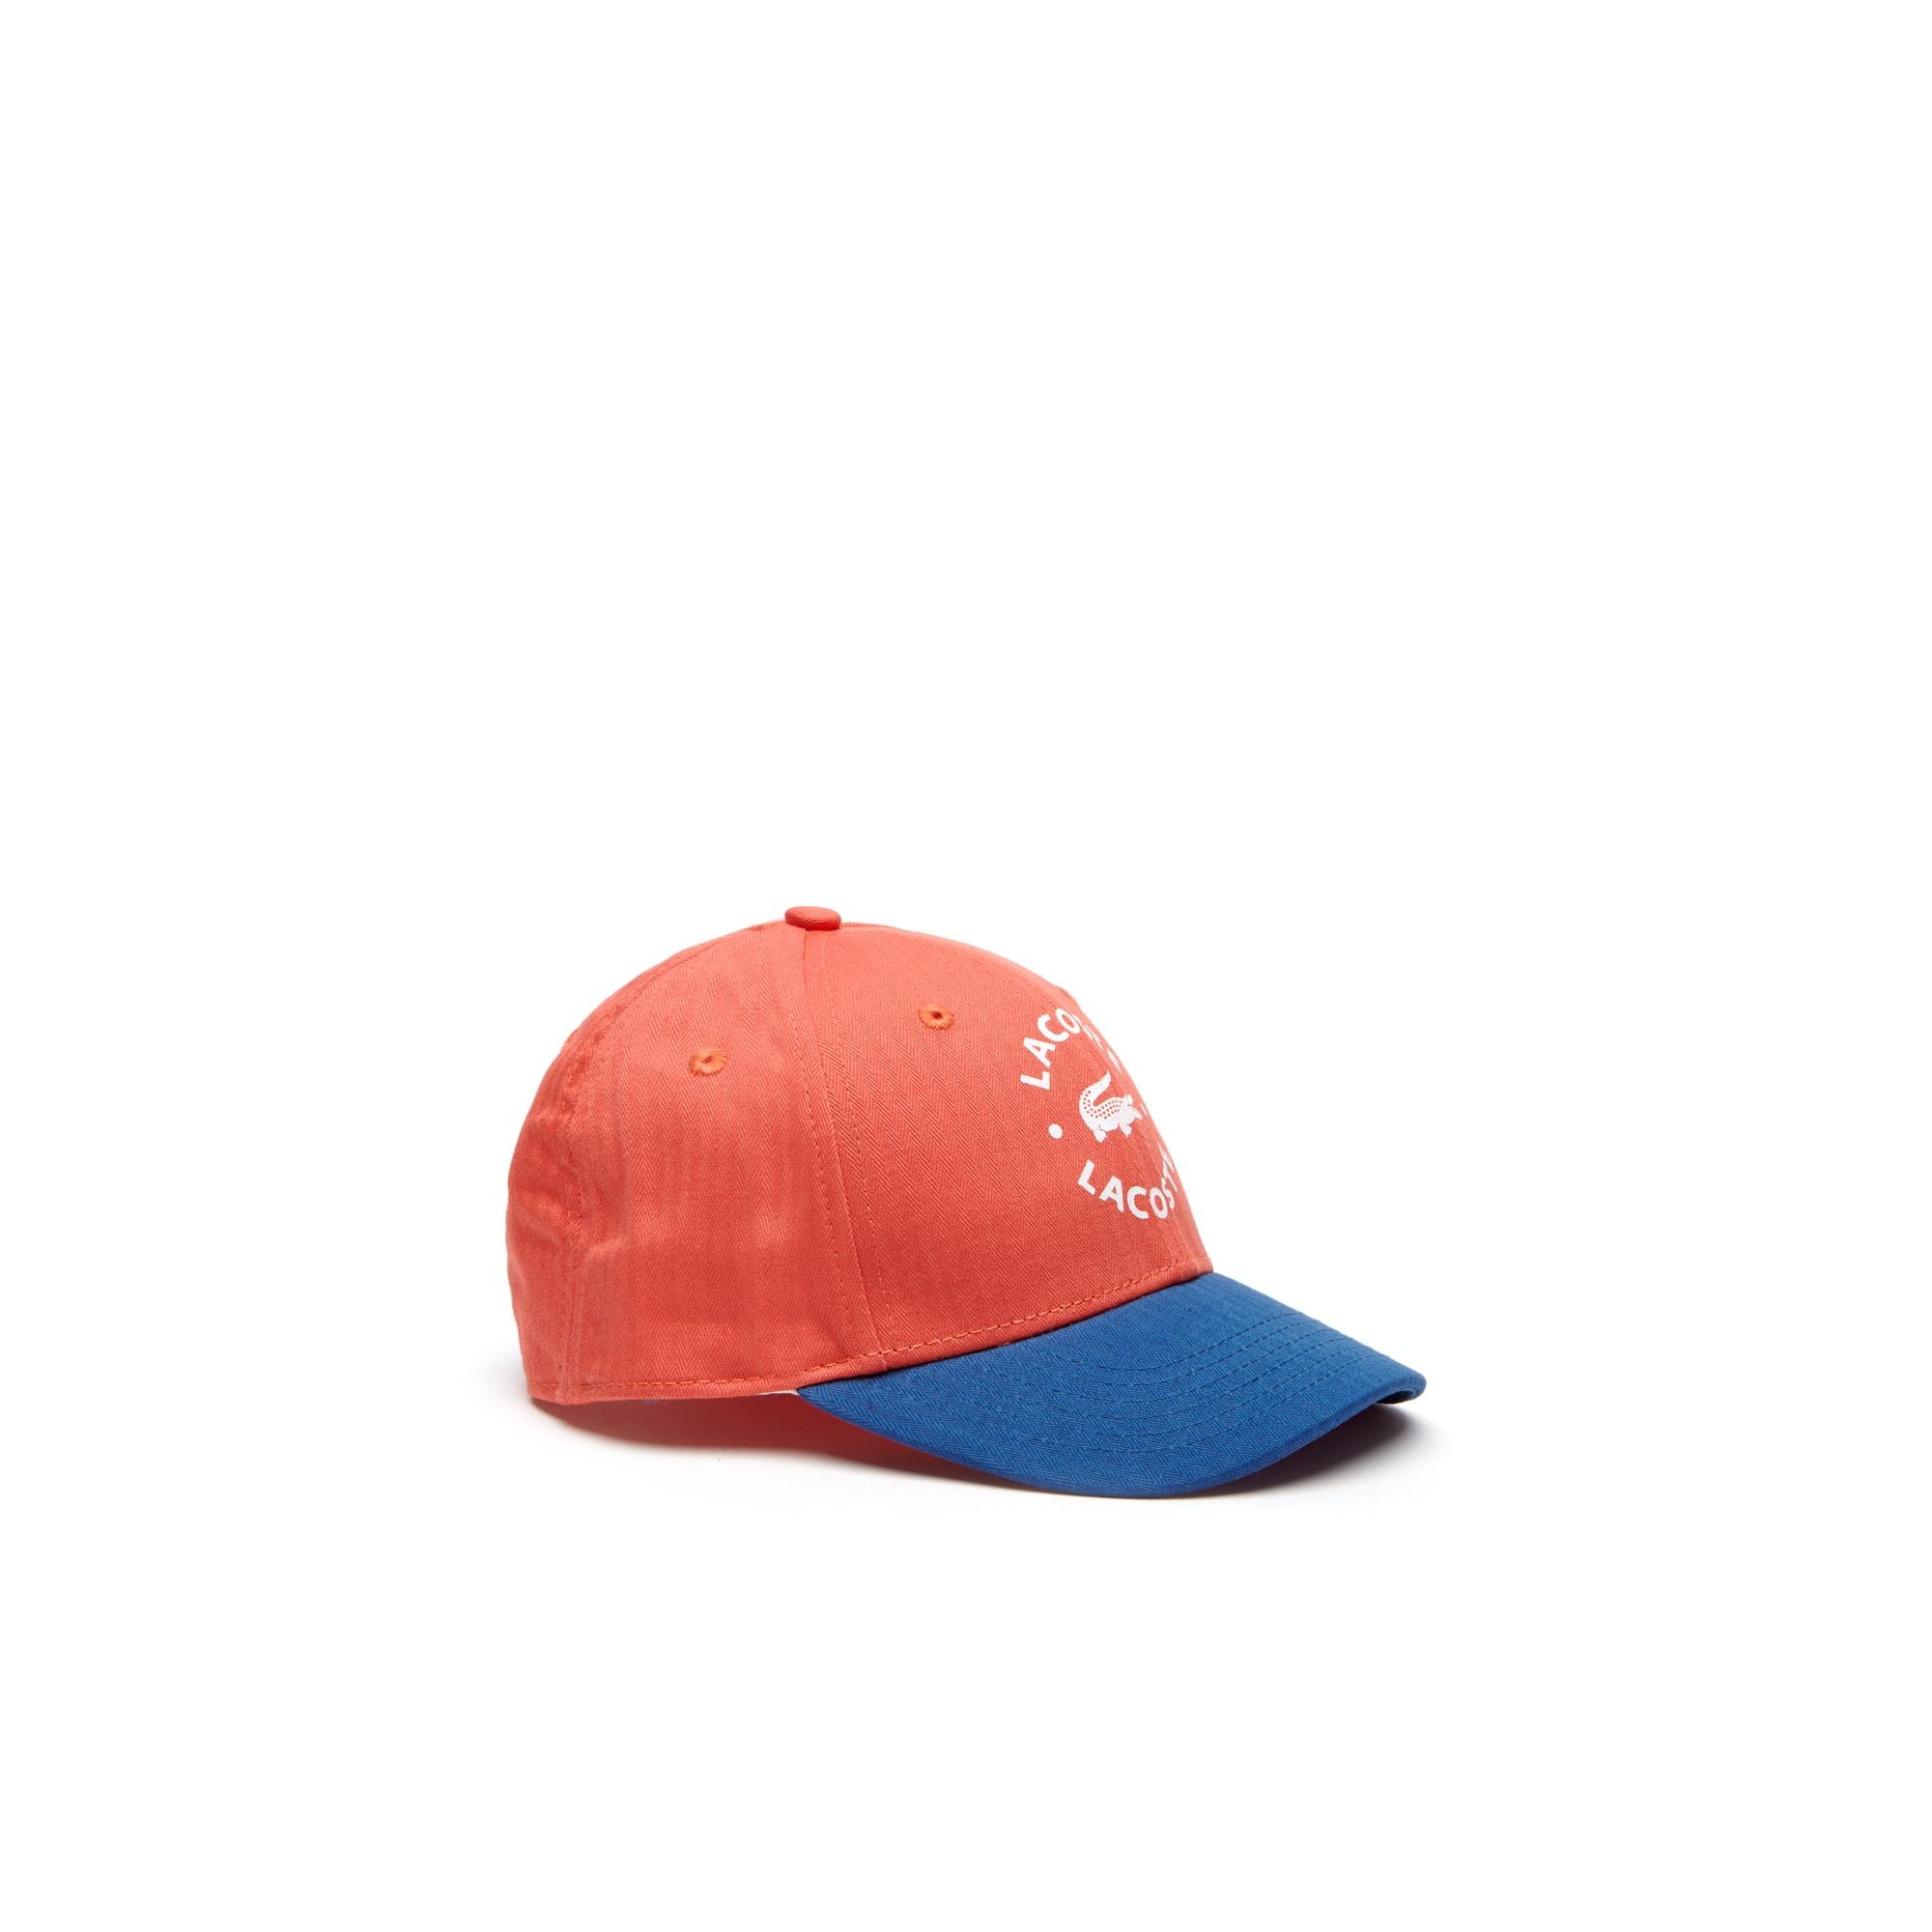 Jungen-Kappe aus zweifarbiger Gabardine mit LACOSTE-Schriftzug